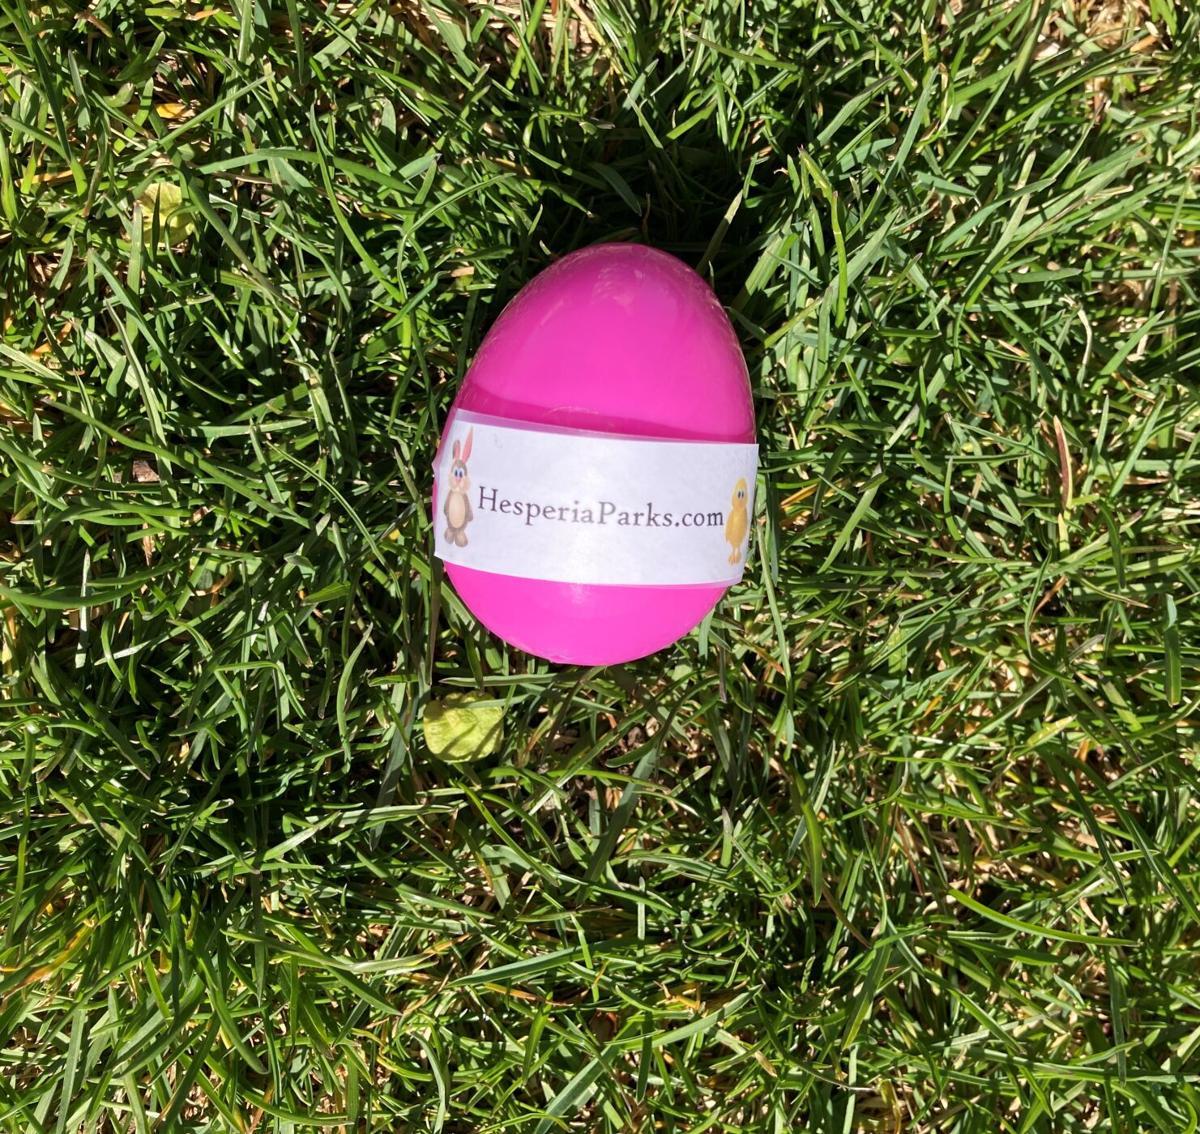 PHOTO: Eater egg from Hesperia Parks